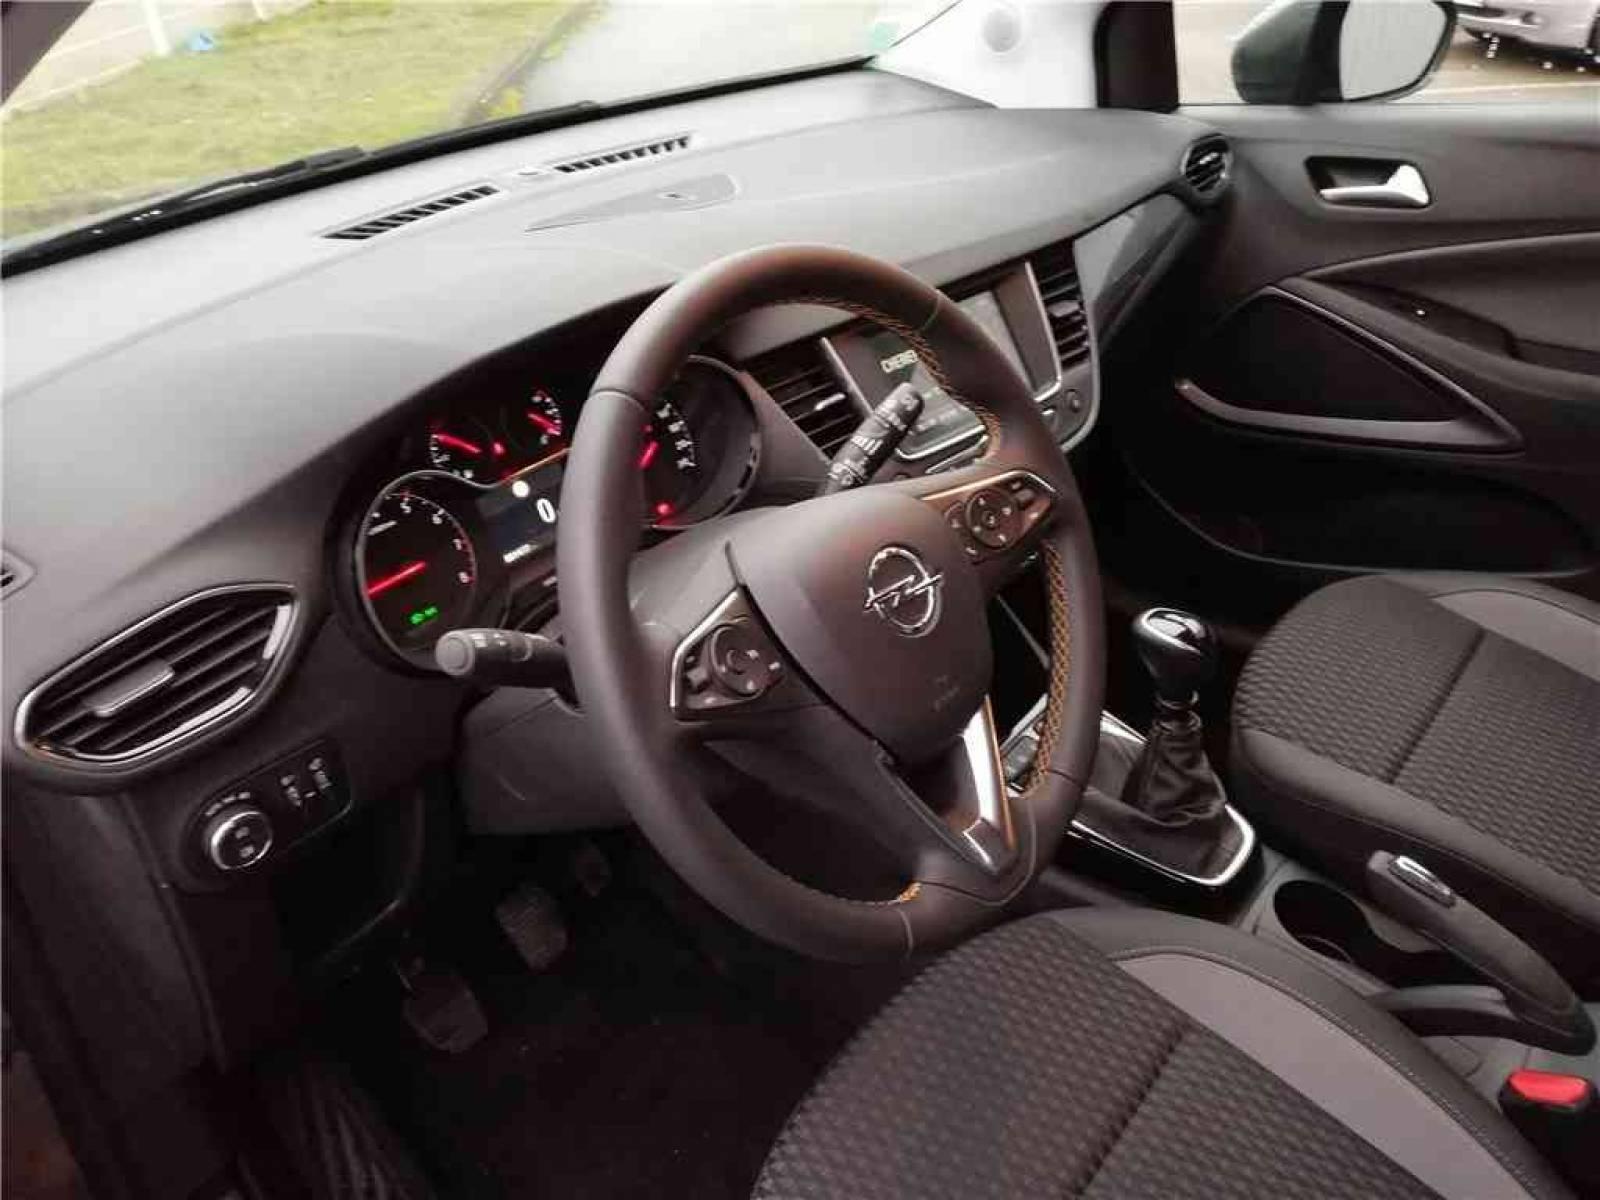 OPEL Crossland X 1.5 D 102 ch - véhicule d'occasion - Groupe Guillet - Opel Magicauto - Montceau-les-Mines - 71300 - Montceau-les-Mines - 24